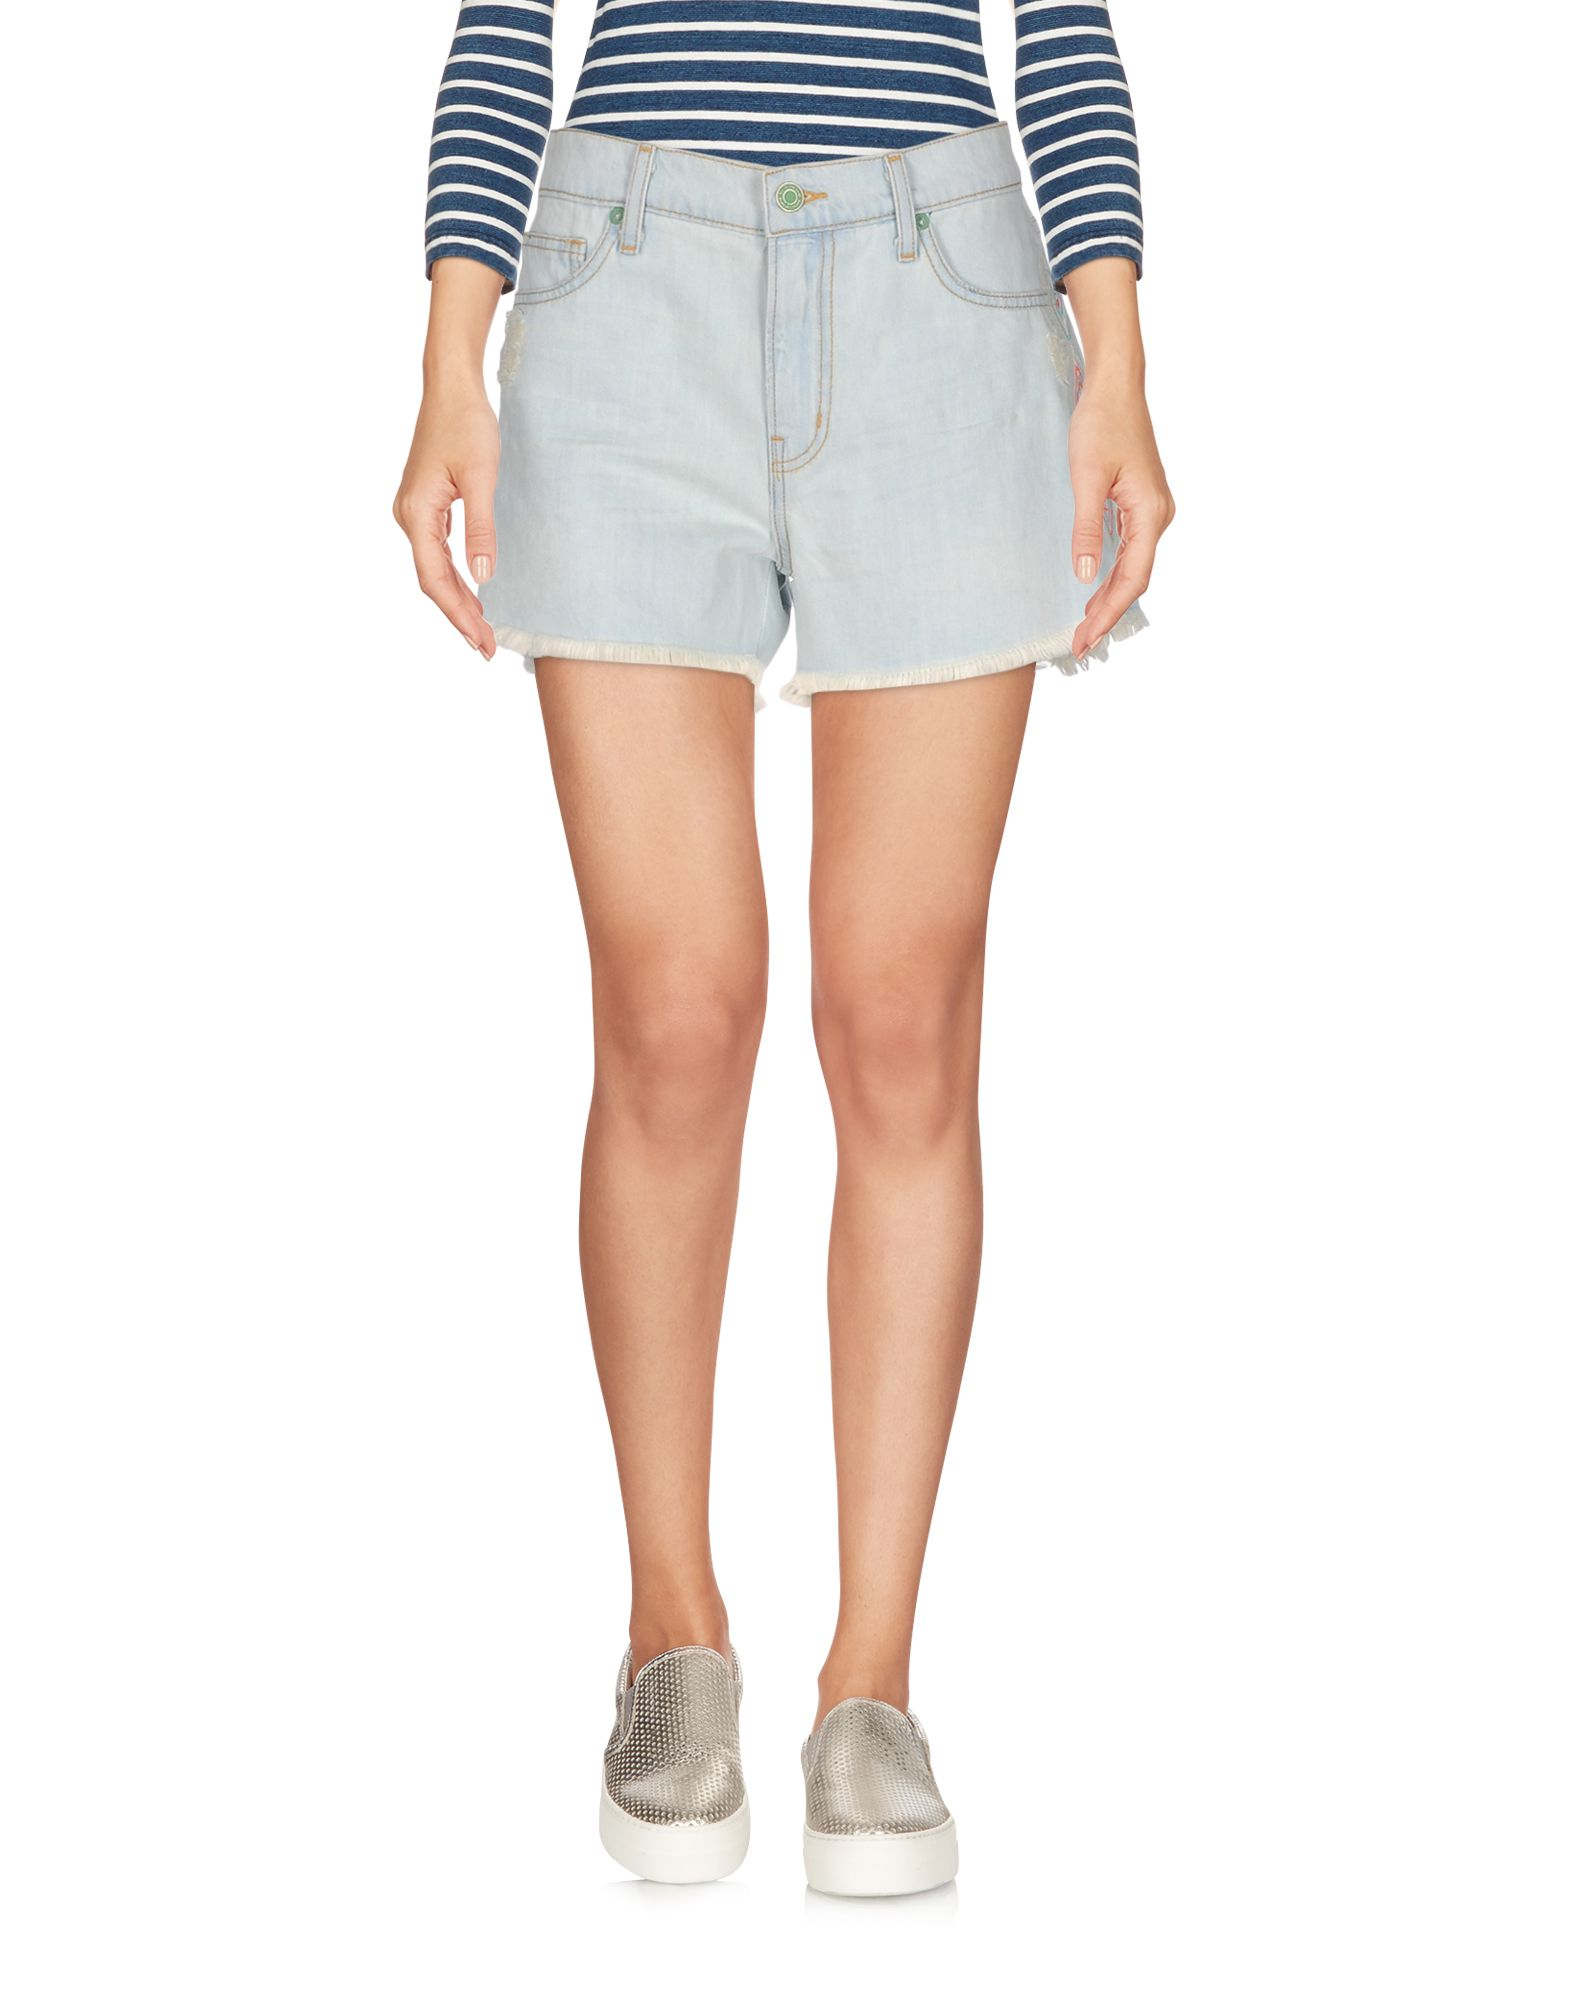 SANDRINE ROSE Джинсовые шорты superfine джинсовые шорты